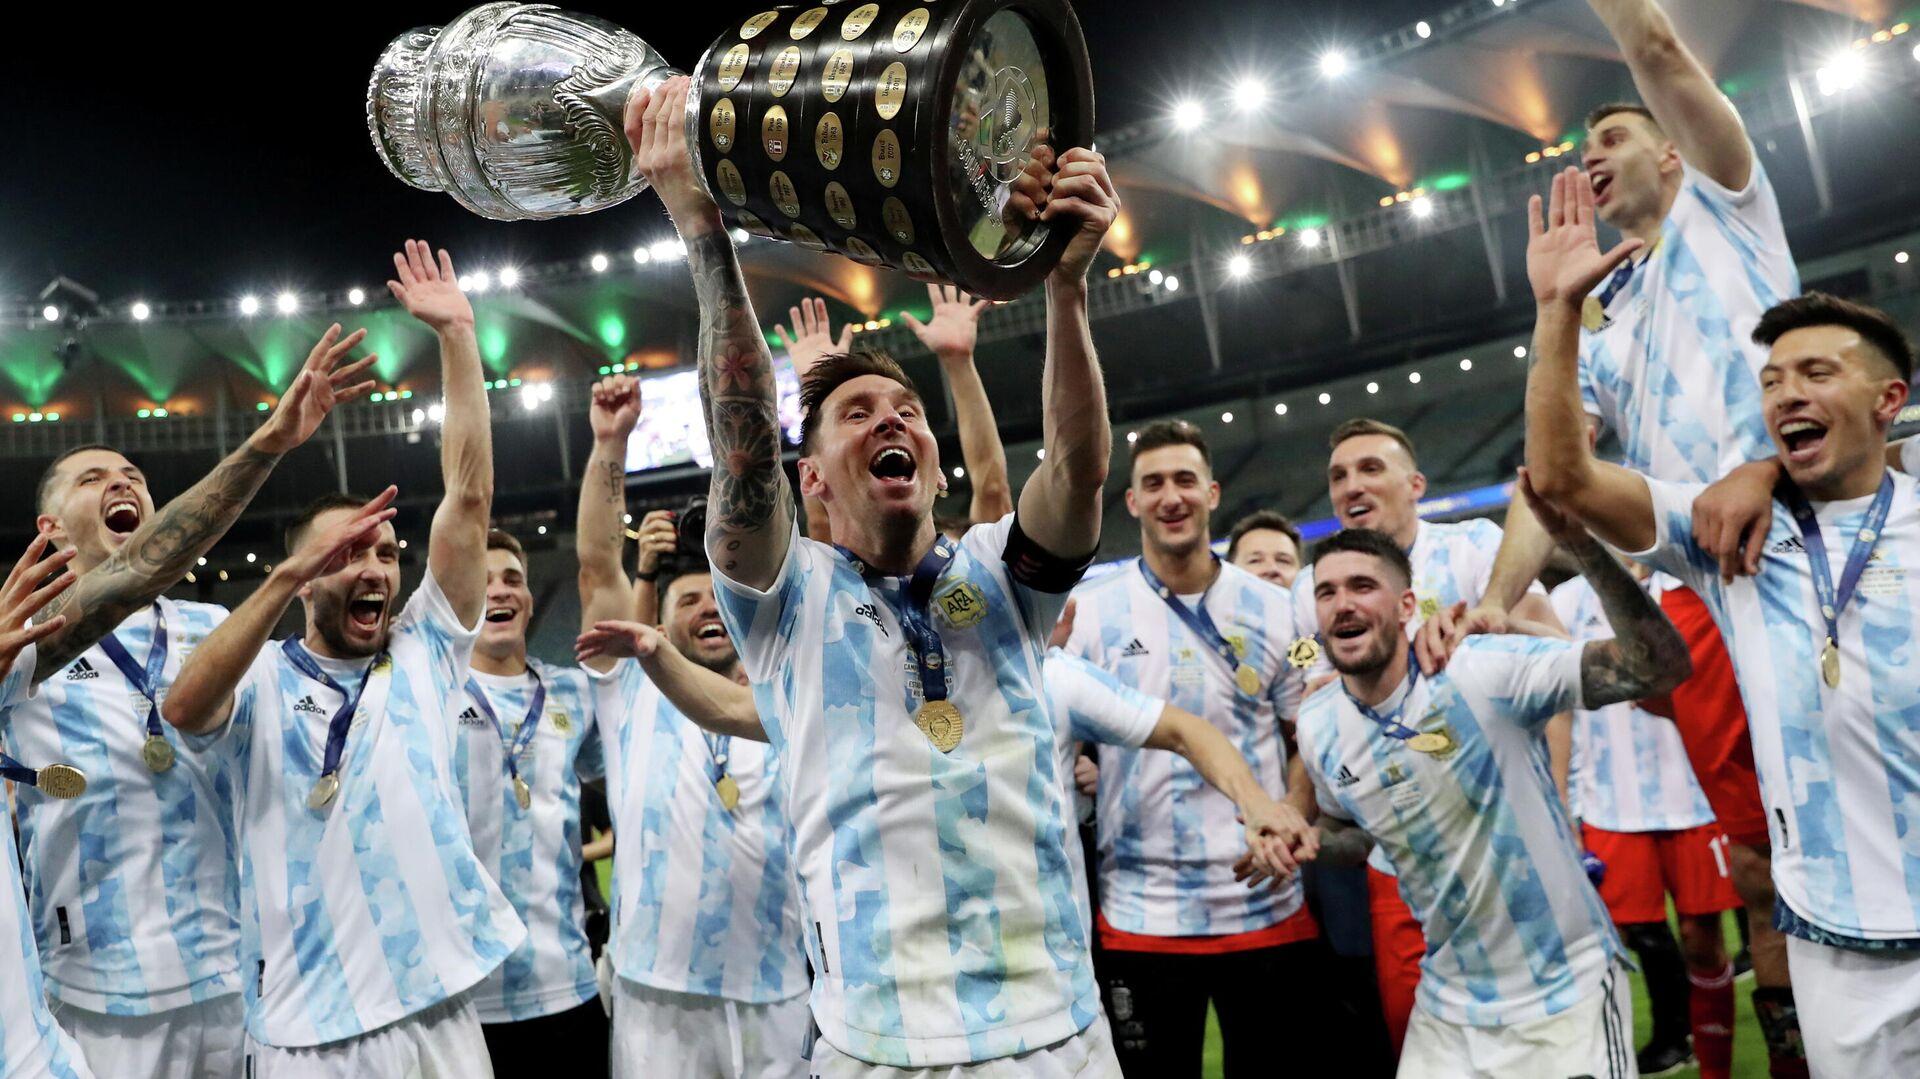 El futbolista argentino Lionel Messi y sus compañeros celebran con el trofeo en las manos su victoria sobre Brasil en la final de la Copa América 2021 celebrada en el Estadio de Maracaná, Río de Janeiro (Brasil), el 10 de julio de 2021  - Sputnik Mundo, 1920, 28.09.2021